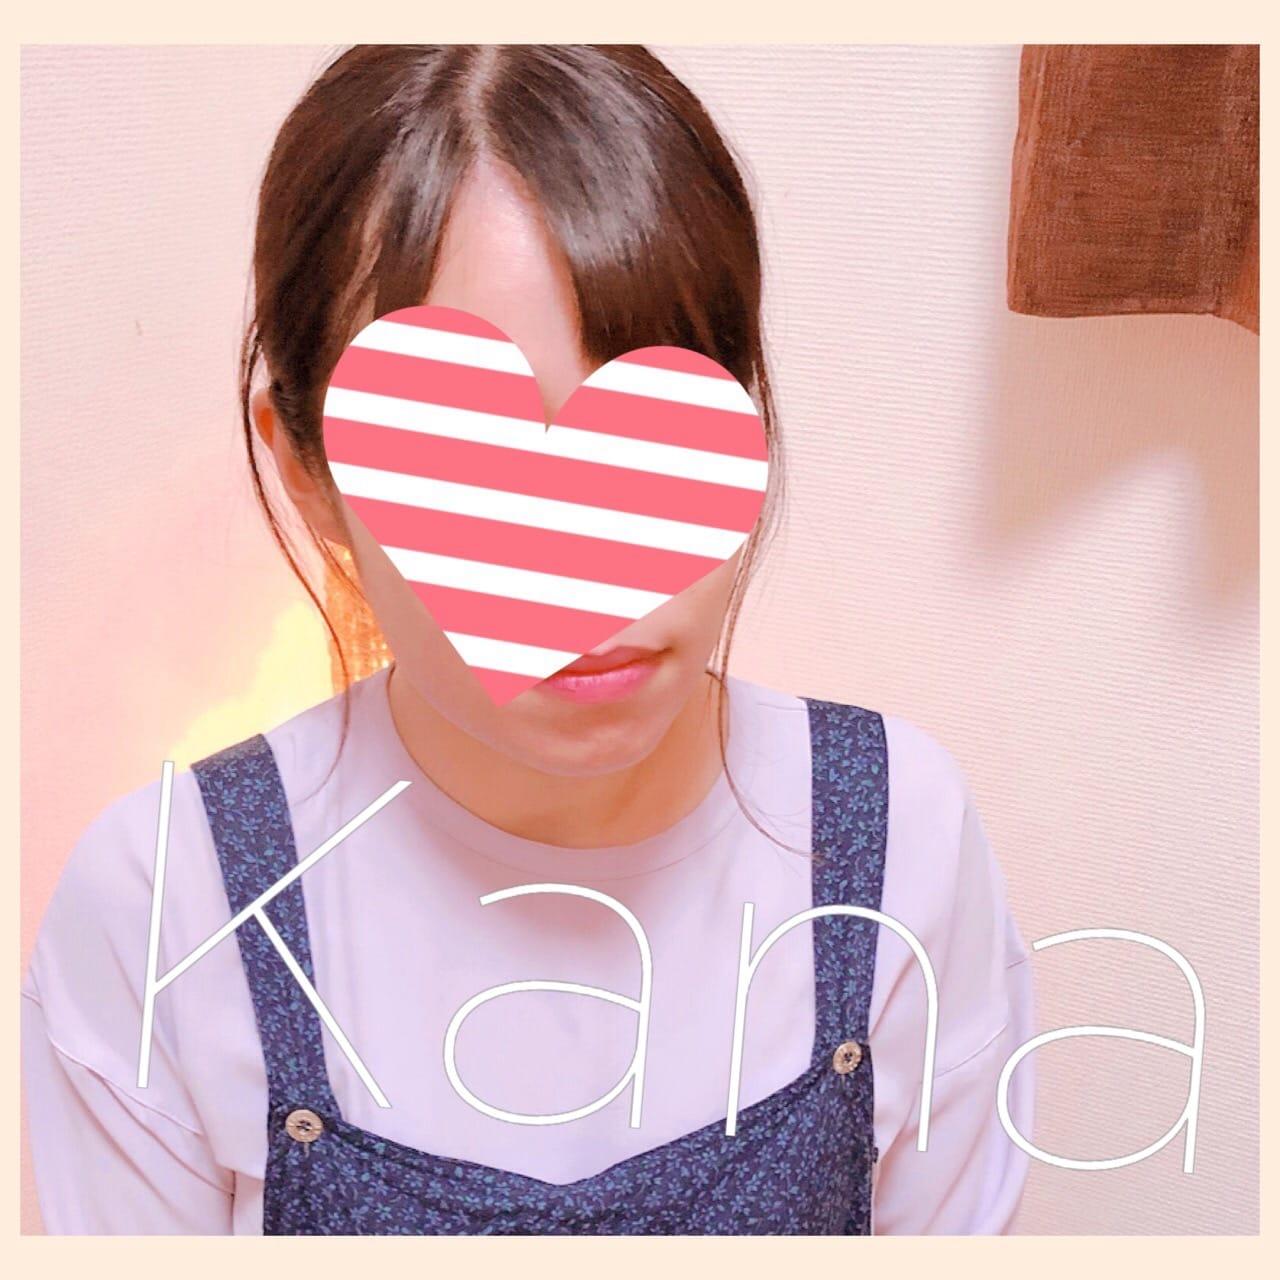 「かなこちゃん♪」02/13(02/13) 16:52   かなこの写メ・風俗動画